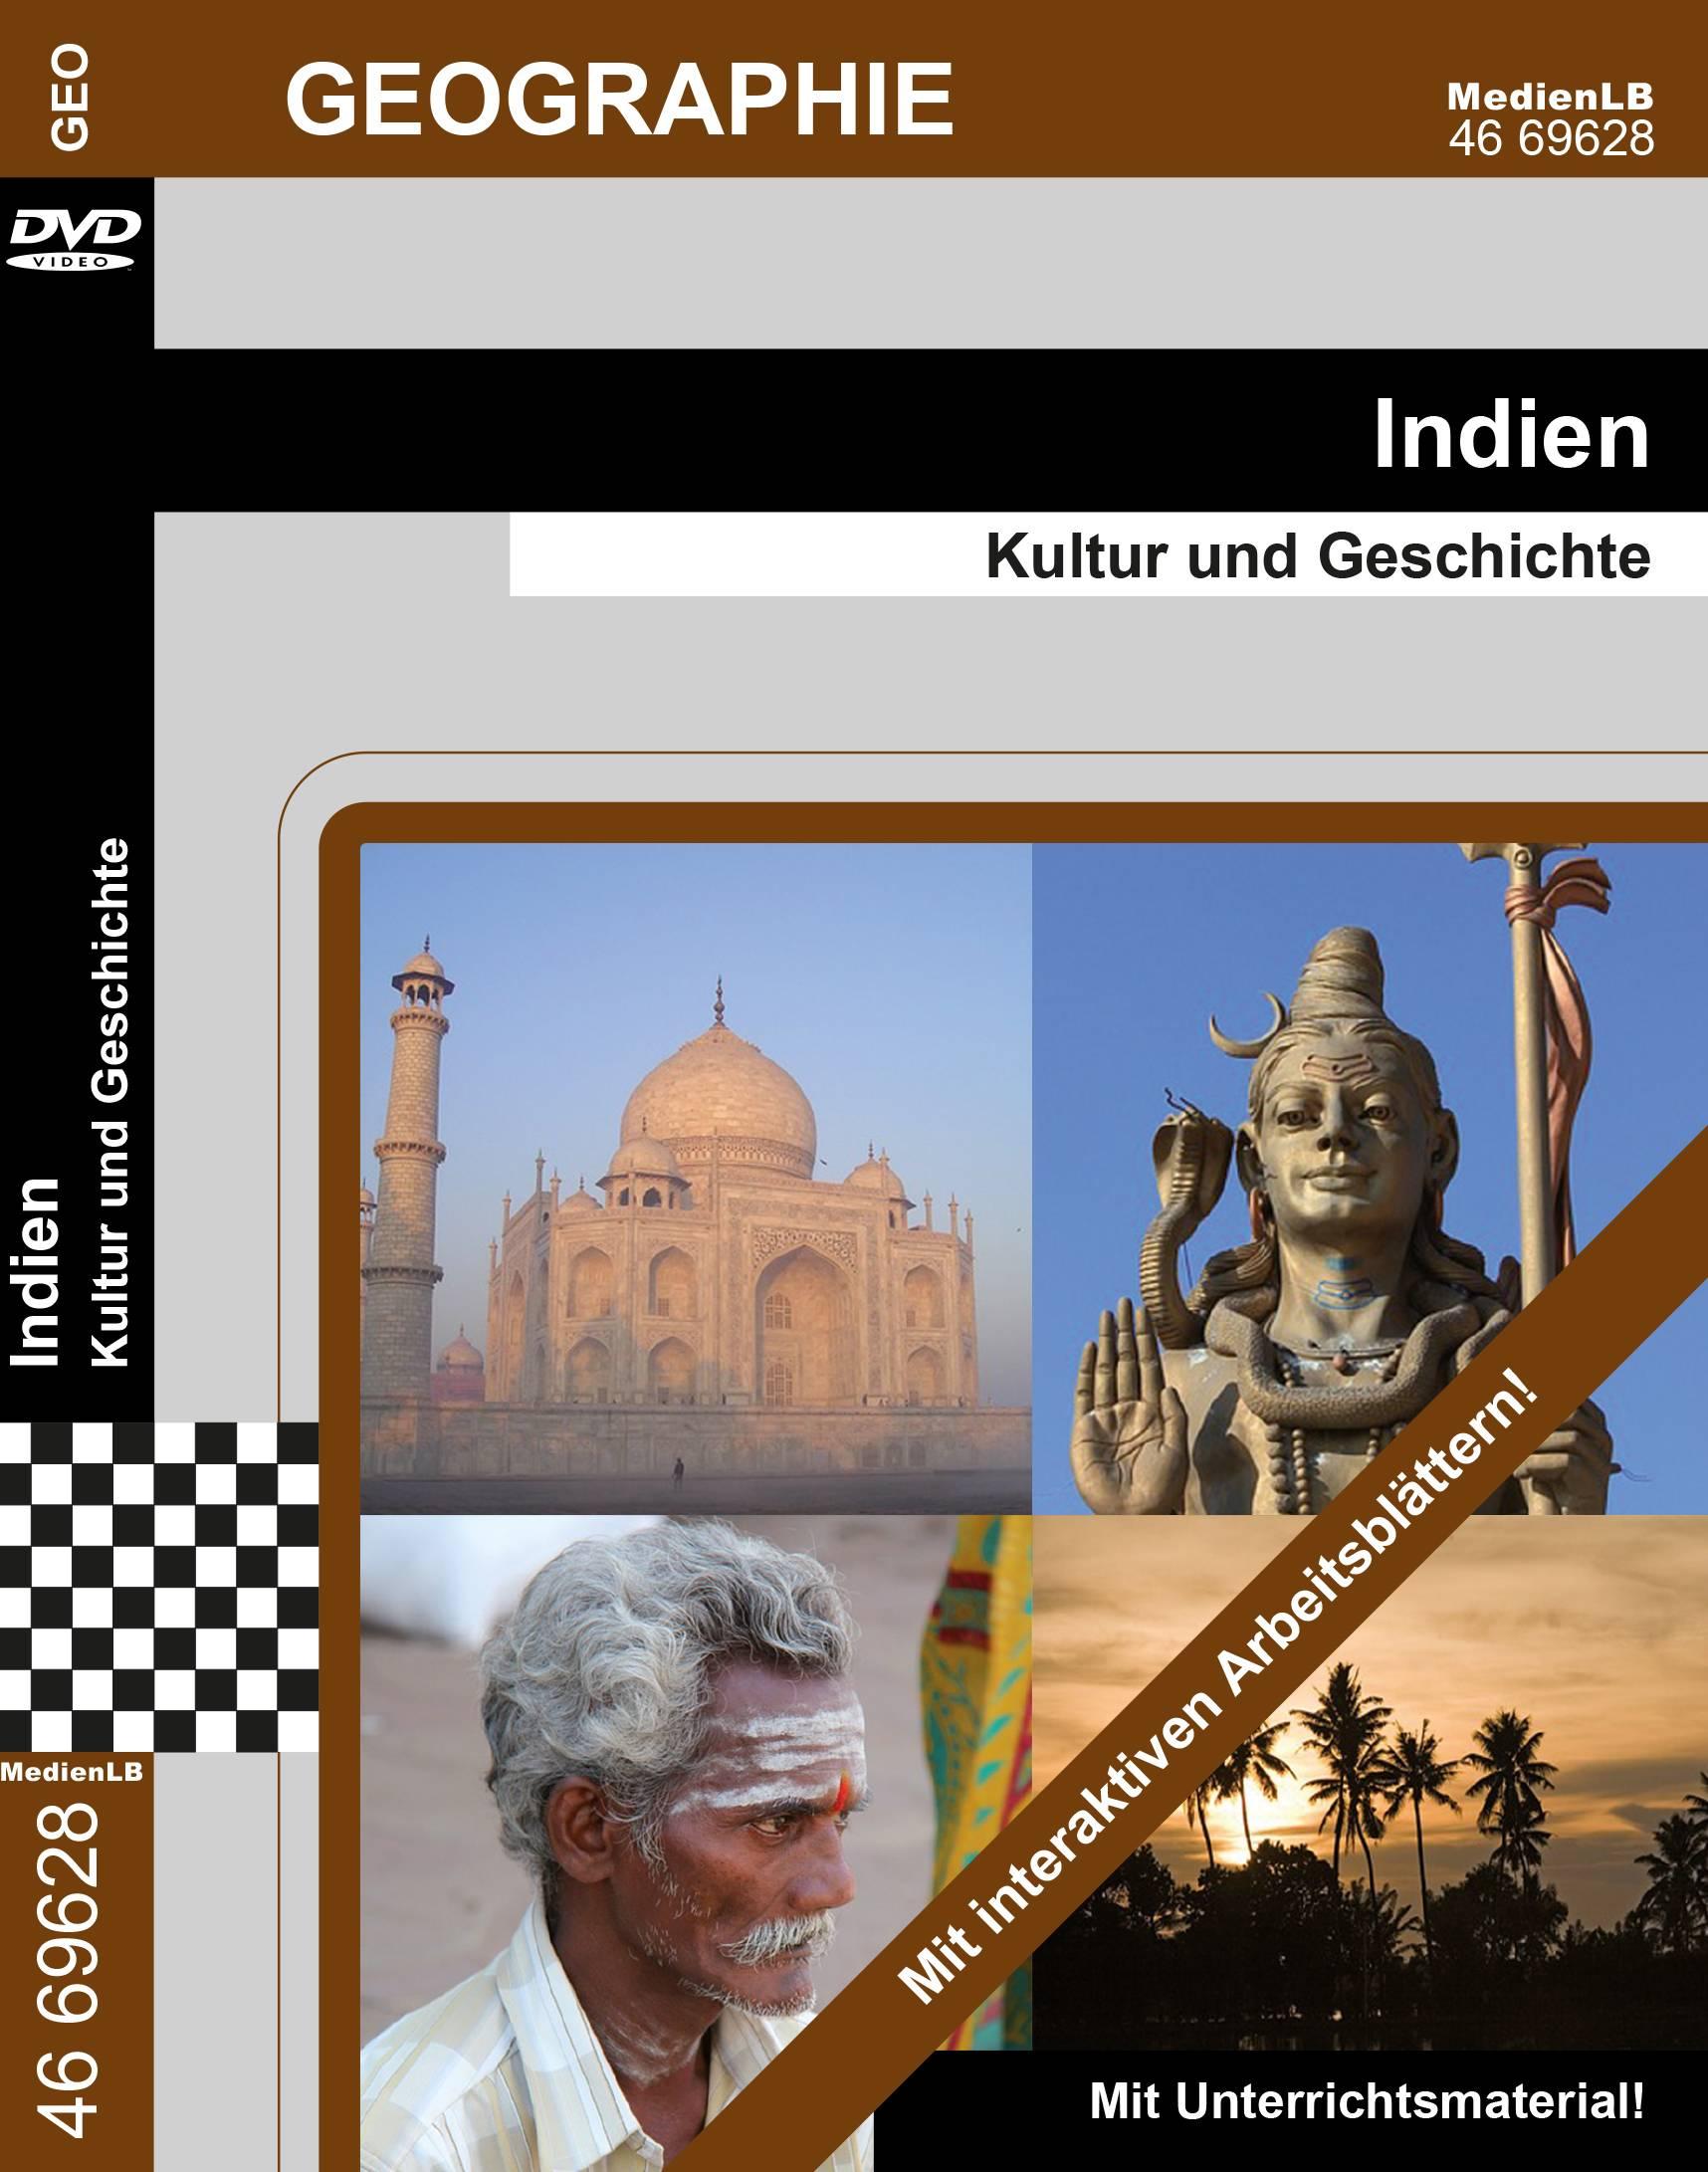 Indien - DVD - MedienLB